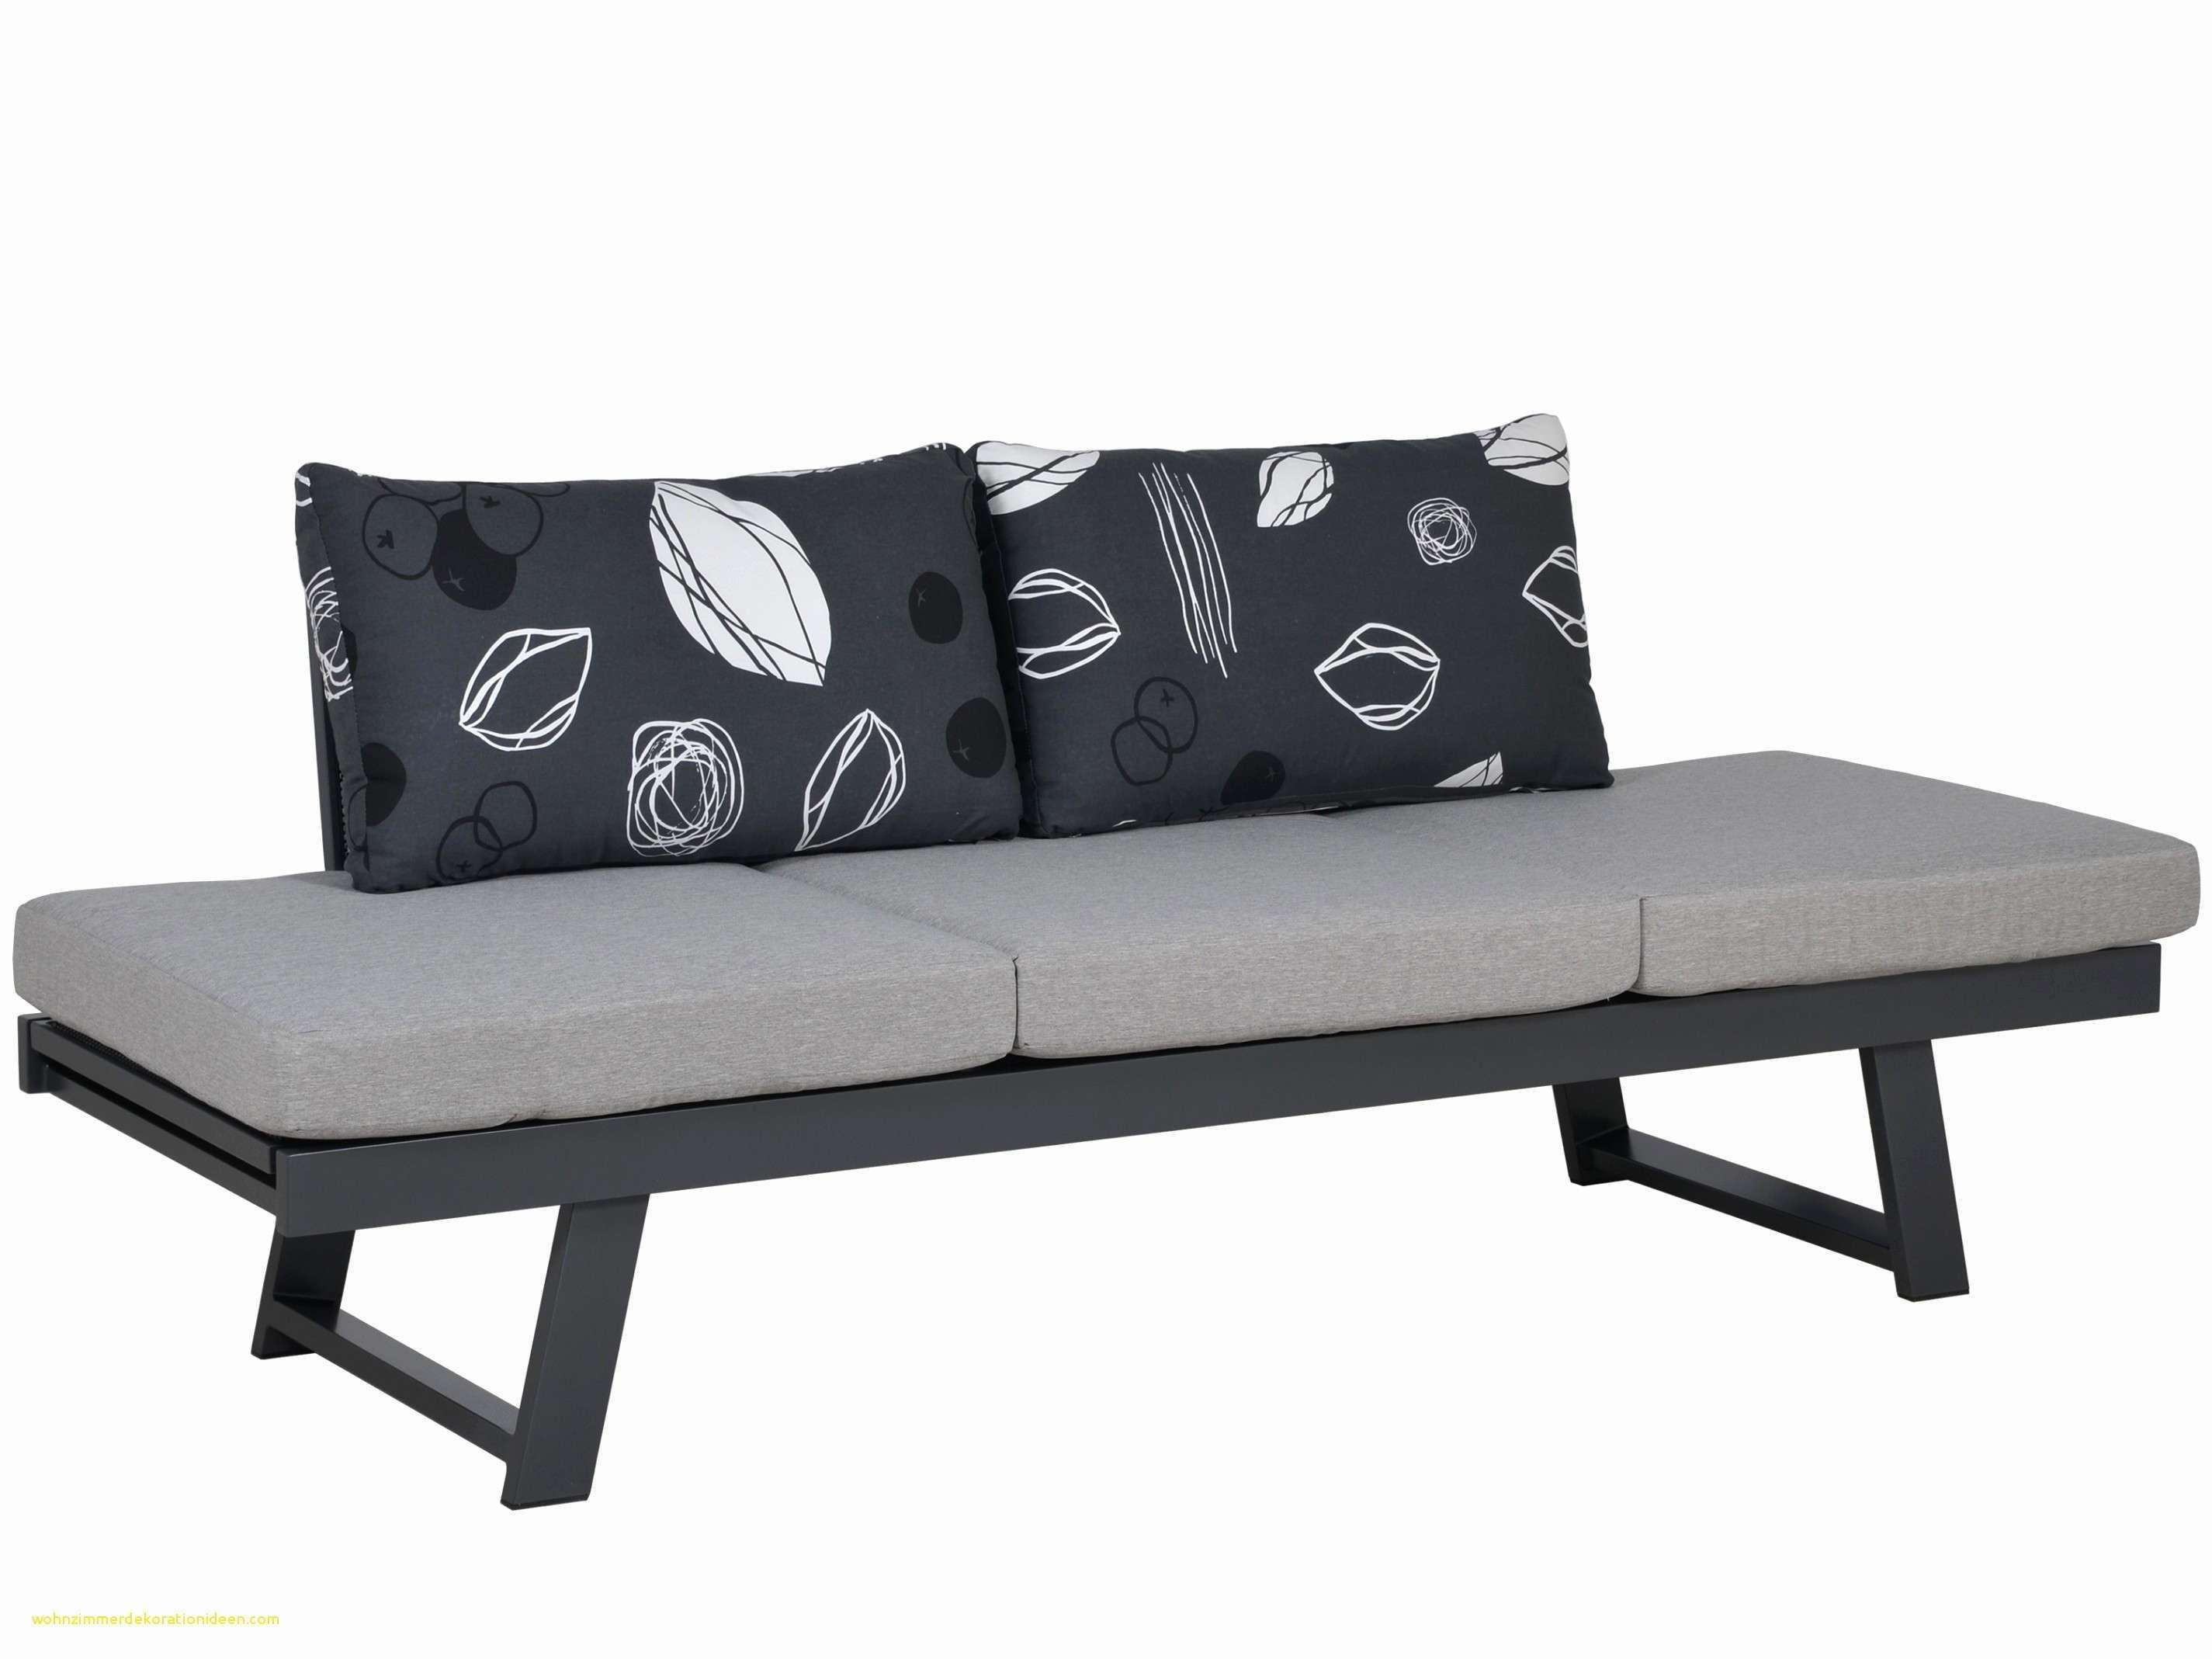 Kleine Ecksofas Mit Schlaffunktion Mit Schlaffunktion Frisch Ecksofa Klein 0d Archives Inspiration Von Kleineecksofas In 2020 Cushions On Sofa Sofa Design Best Sofa